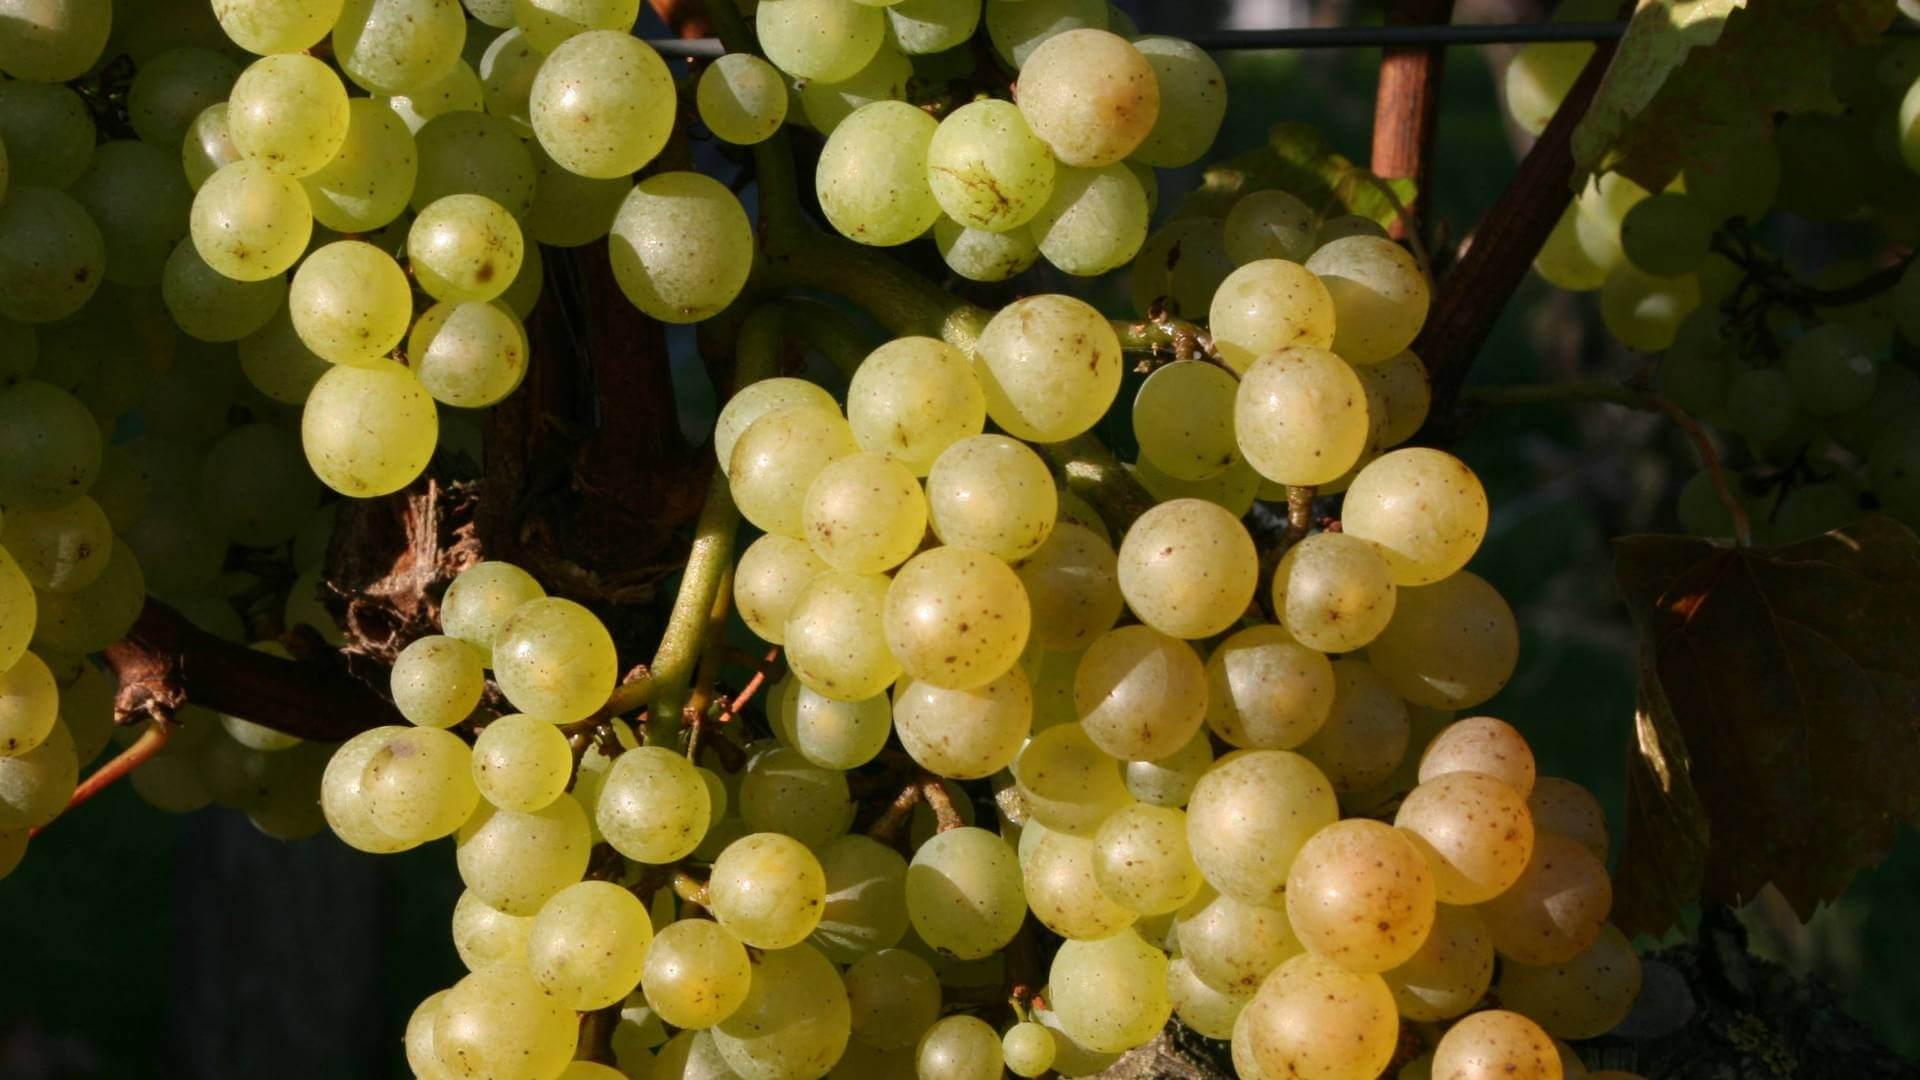 В севастополе хотят производить вино из автохтонного греческого винограда | новости крыма